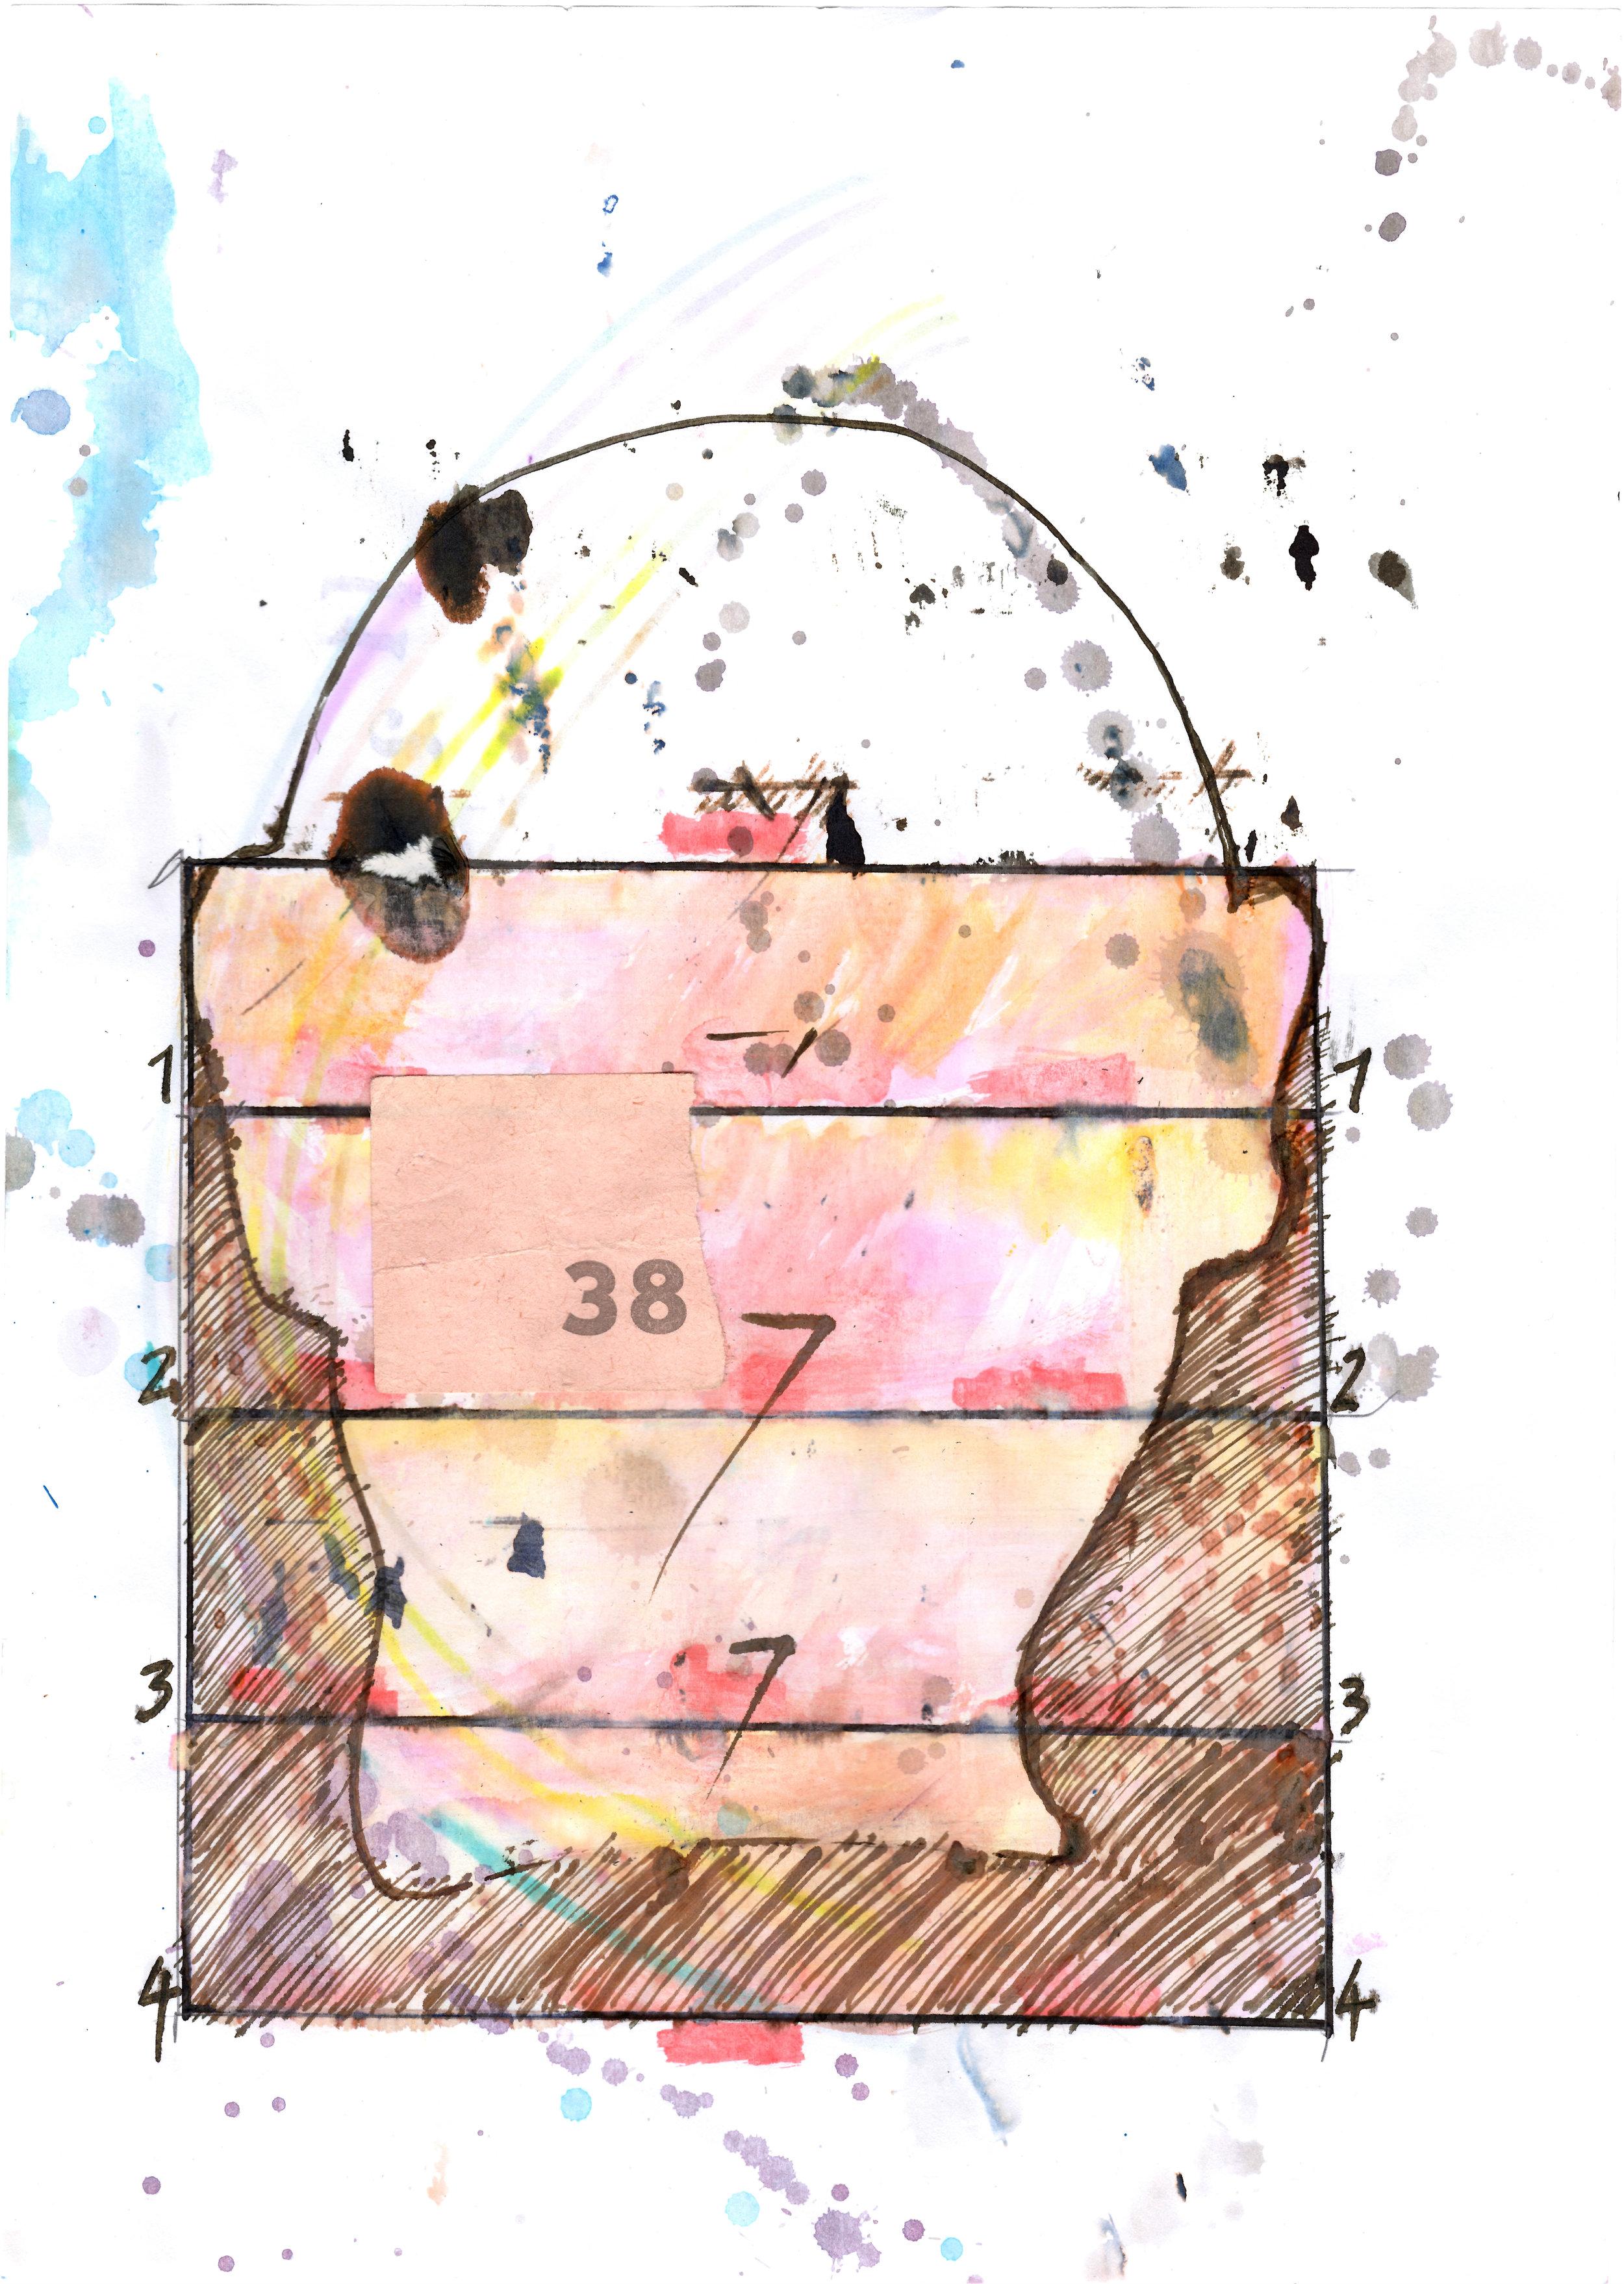 Head 18 by Peter Greenaway